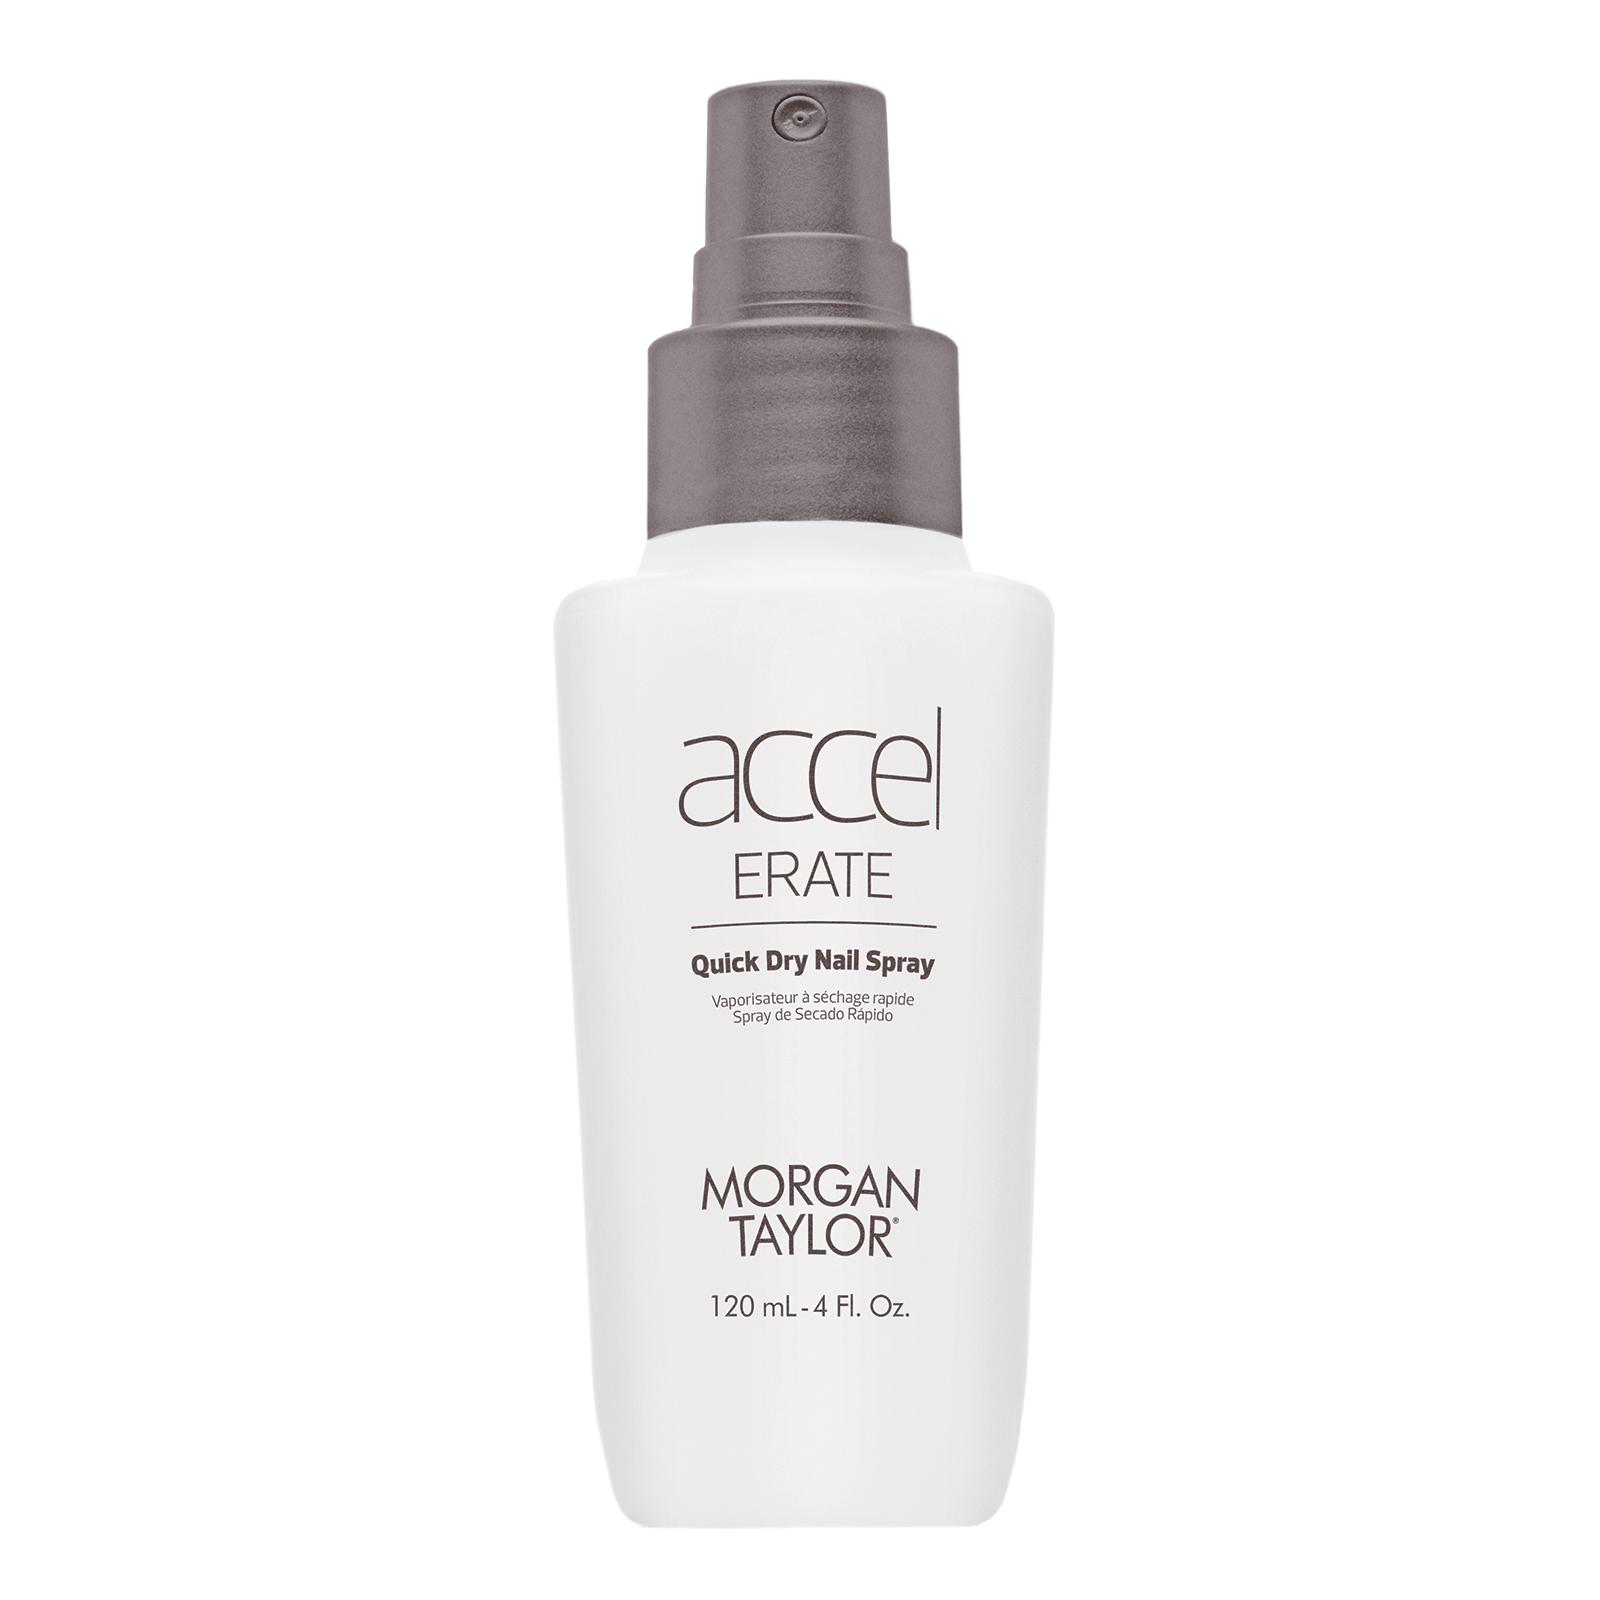 Accelerate Quick Dry Spray - Essentials - Morgan Taylor | CosmoProf